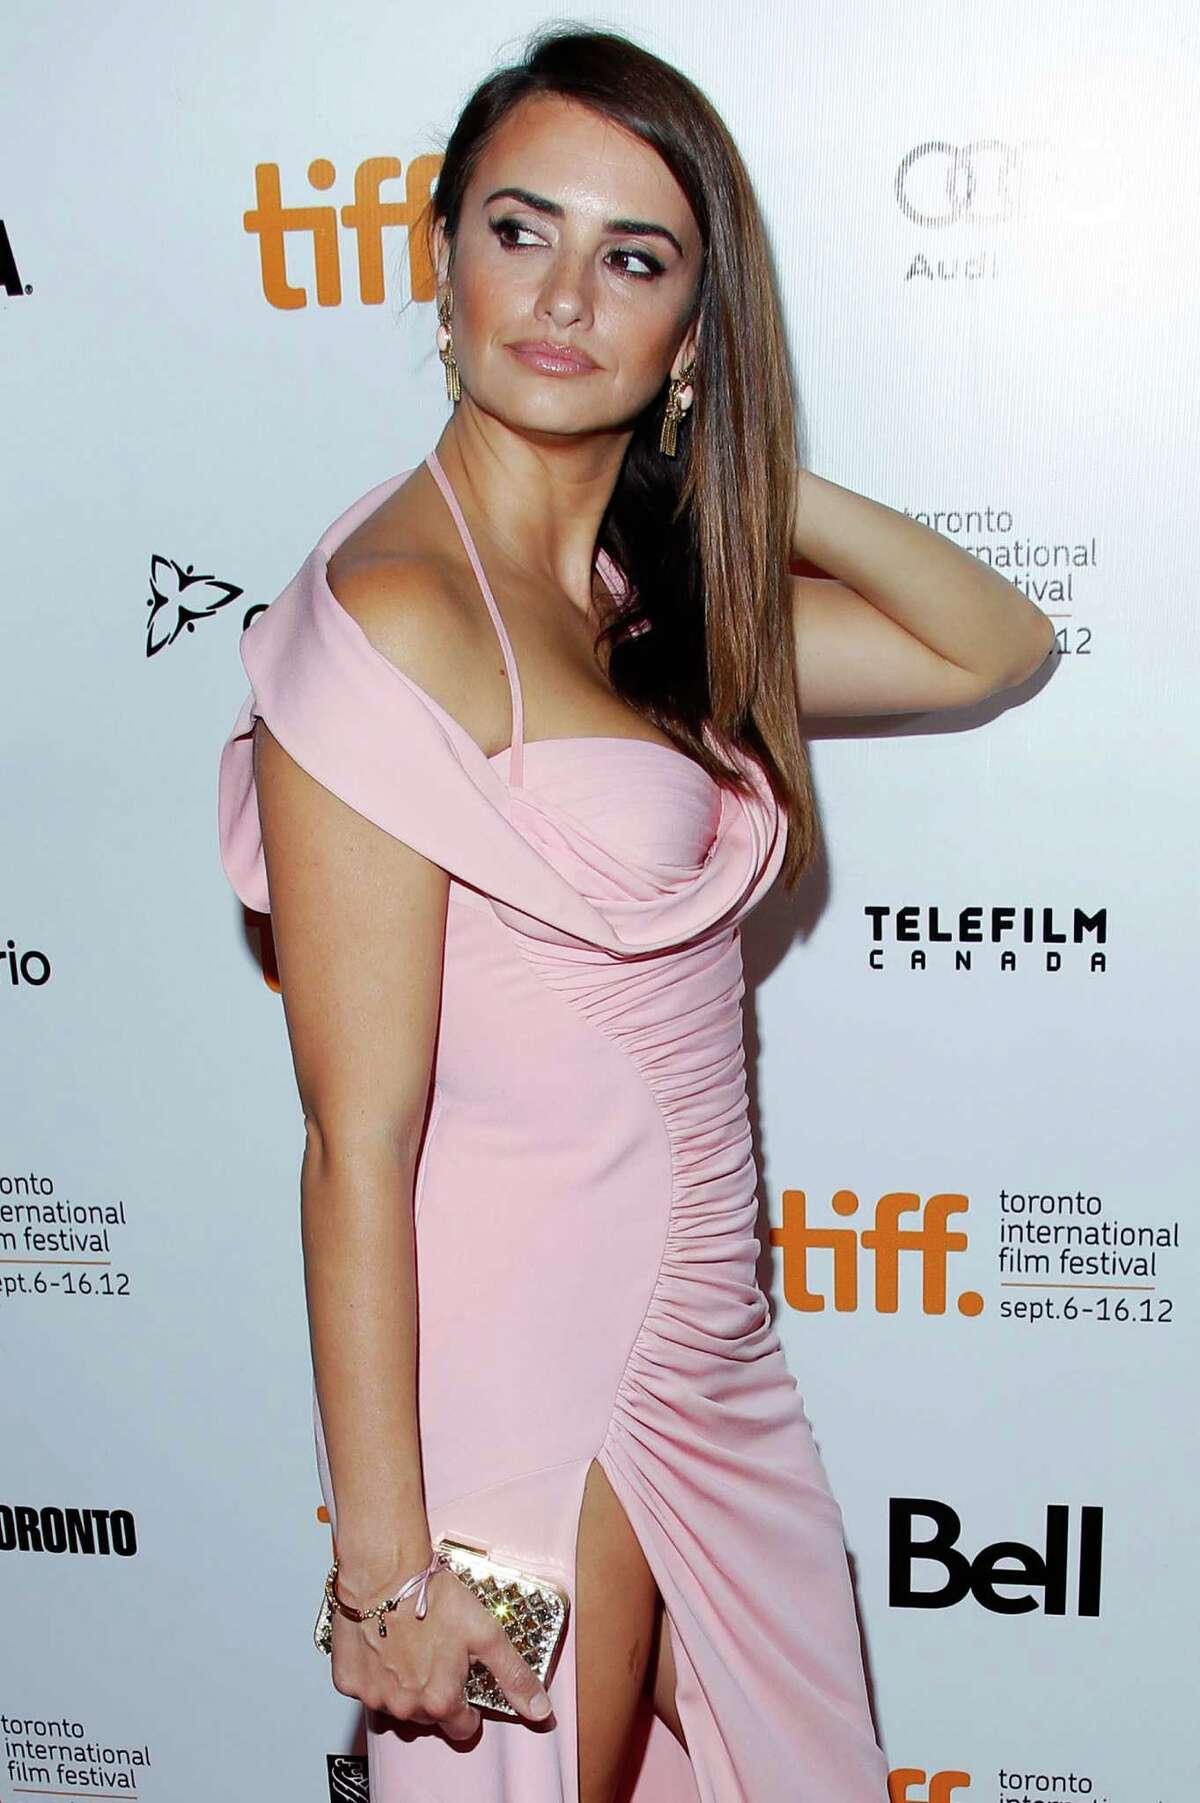 Actress Penelope Cruz arrives at the